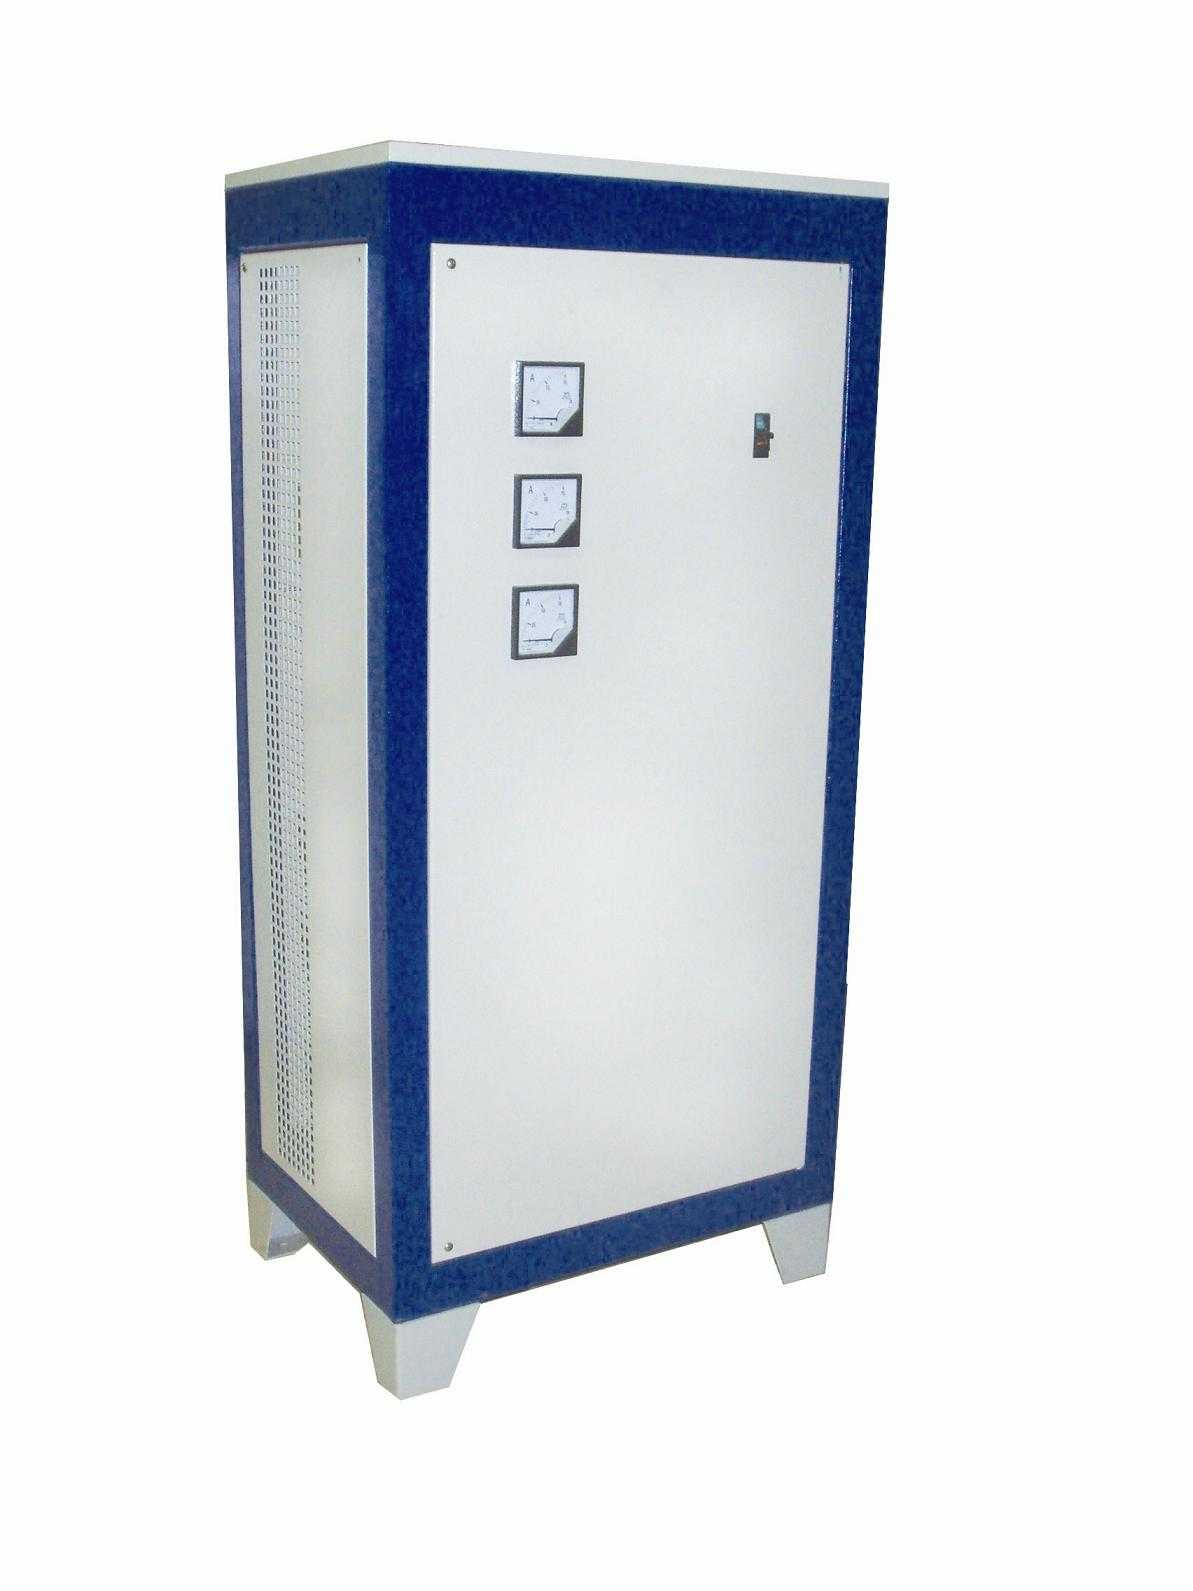 高压电源,大功率电源,高压直流电源